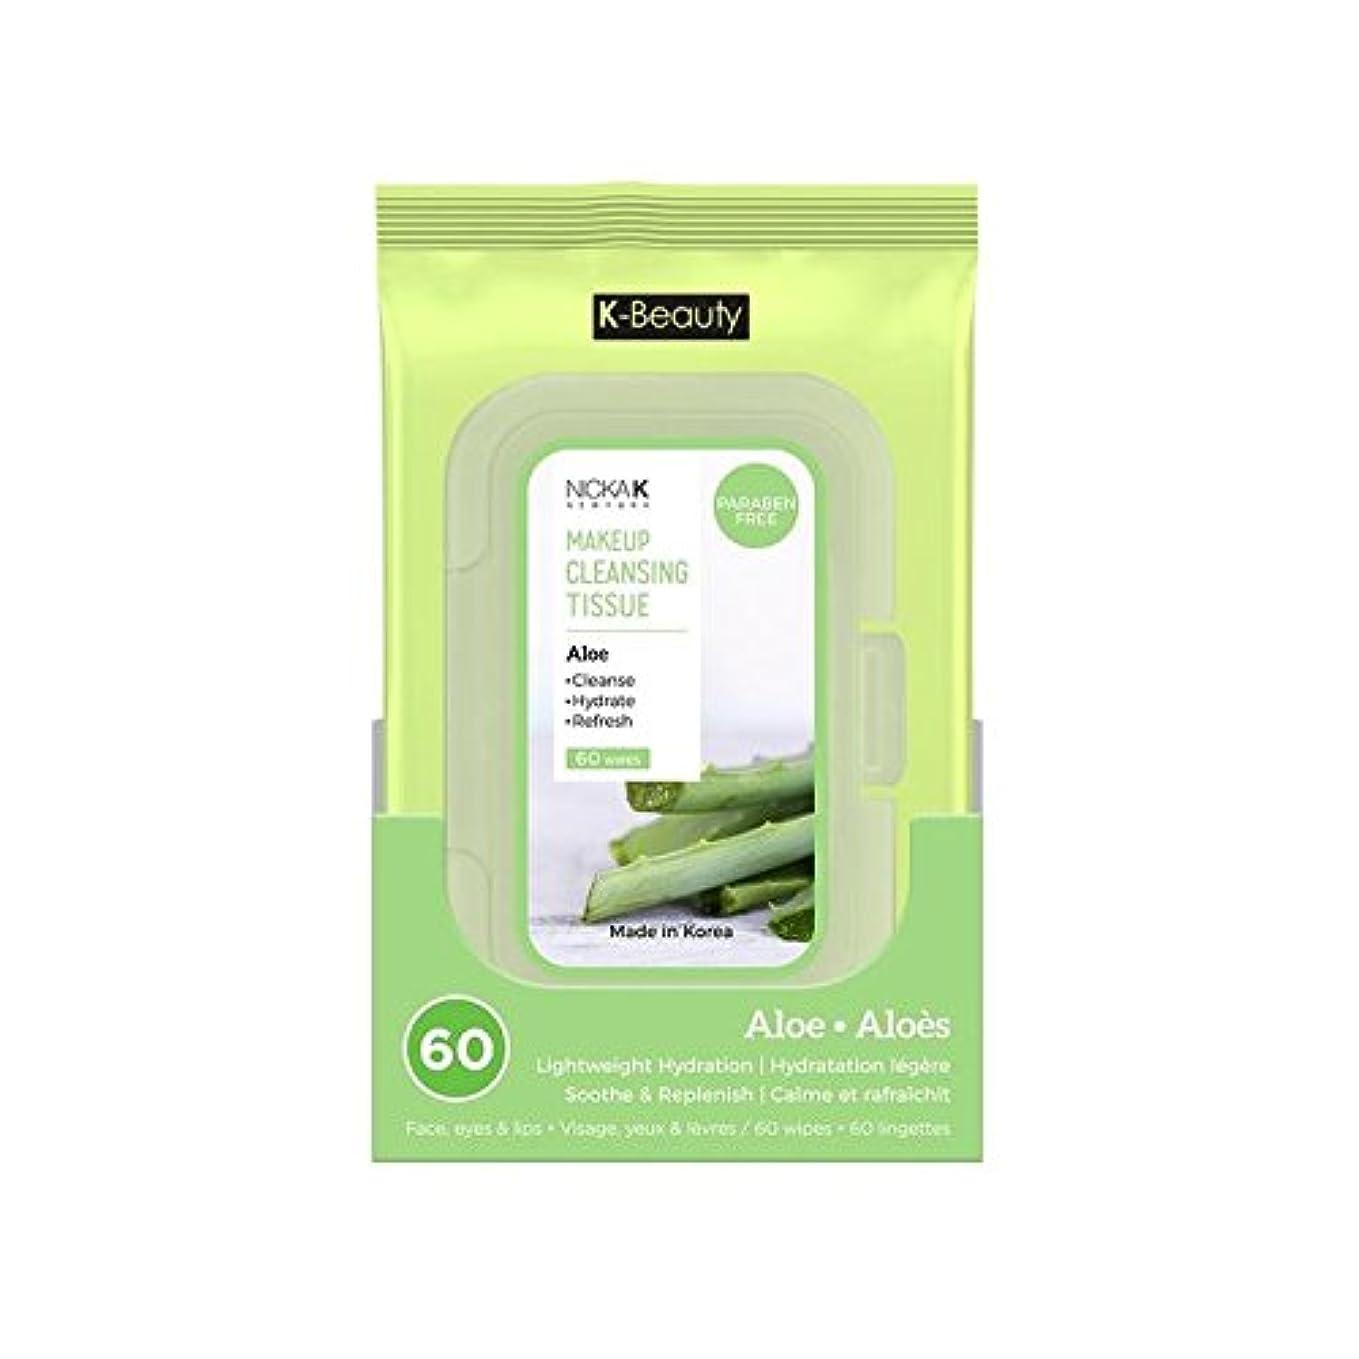 思春期の脚本興奮する(6 Pack) NICKA K Make Up Cleansing Tissue - Aloe (並行輸入品)